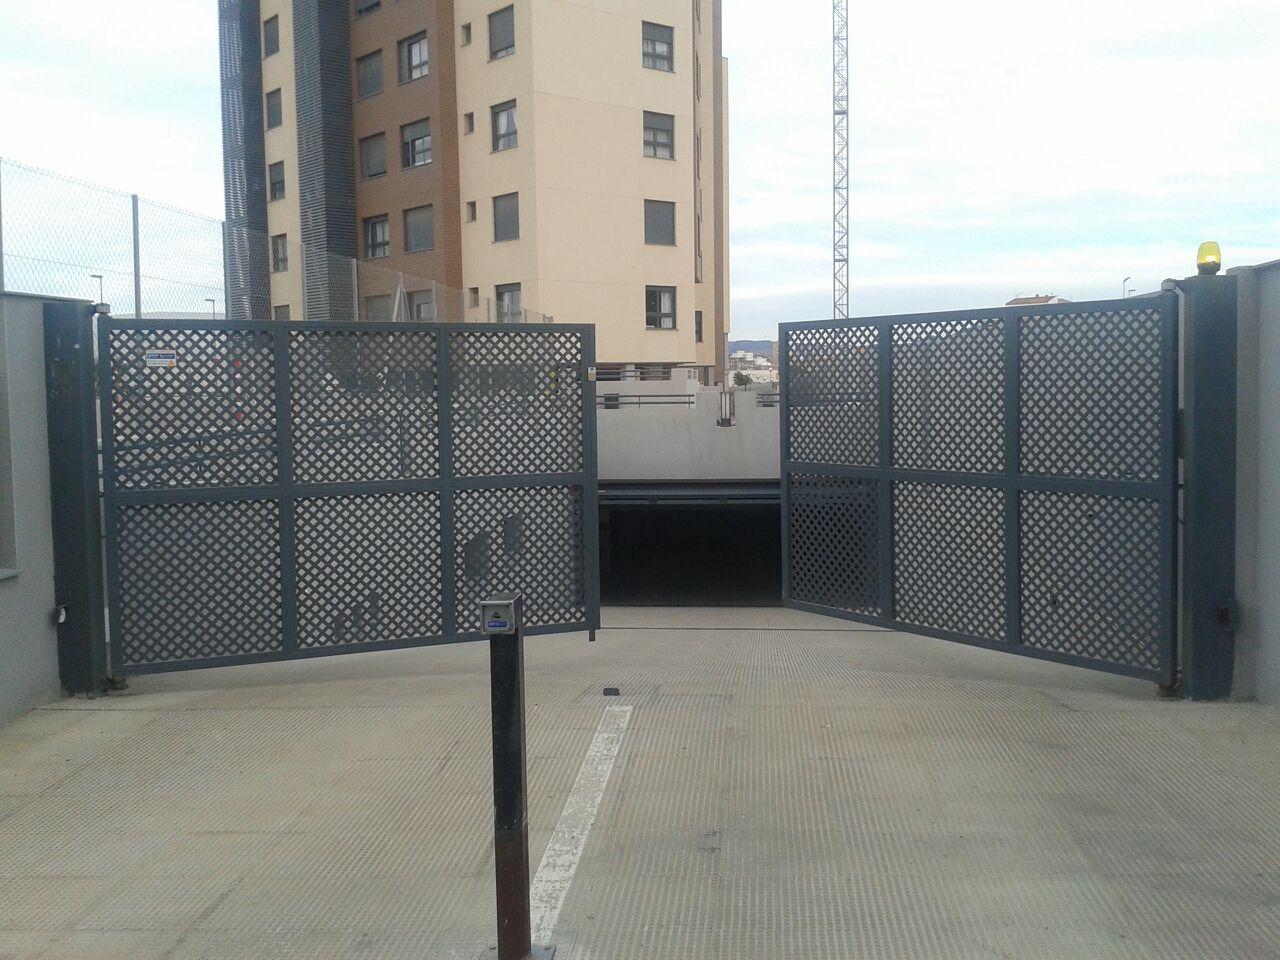 Puerta - 1